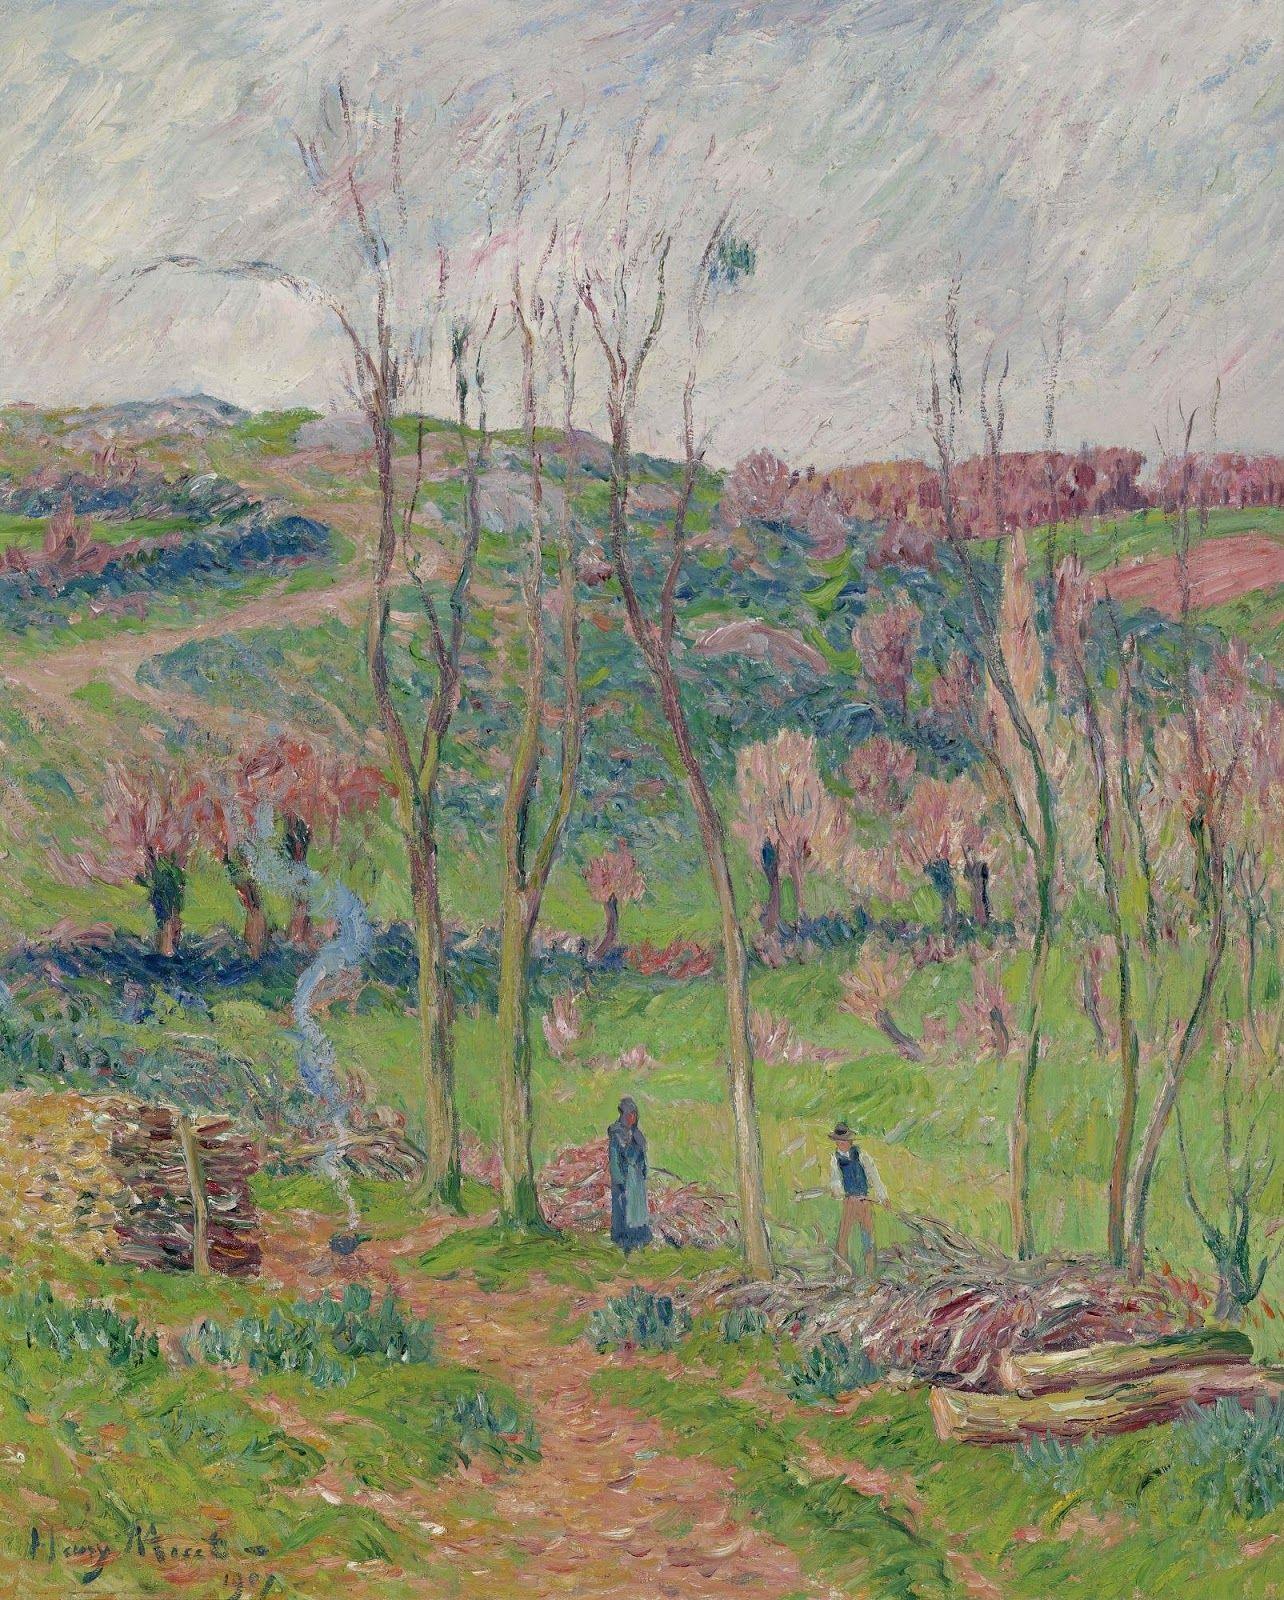 140 ideias de Henry moret | impressionismo, city art, arte água